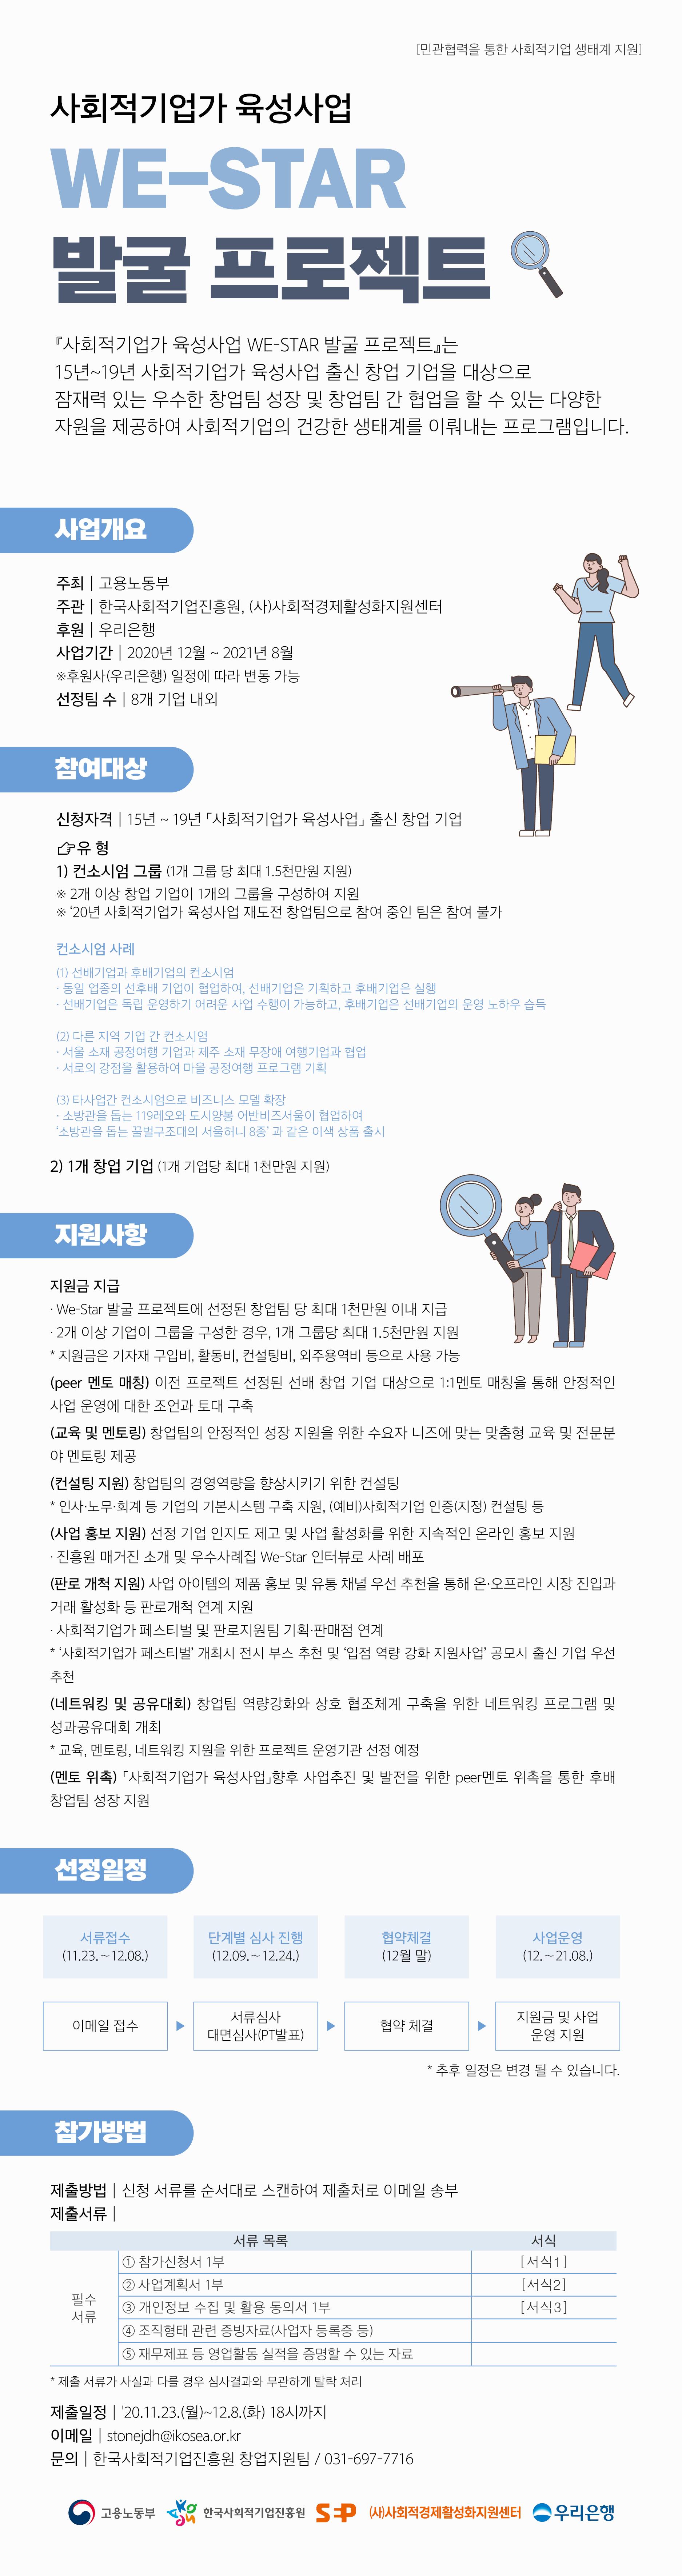 [공고] 한국사회적기업진흥원 | 「사회적기업가 육성사업 We-Star 발굴 프로젝트」참여기업 모집 공고